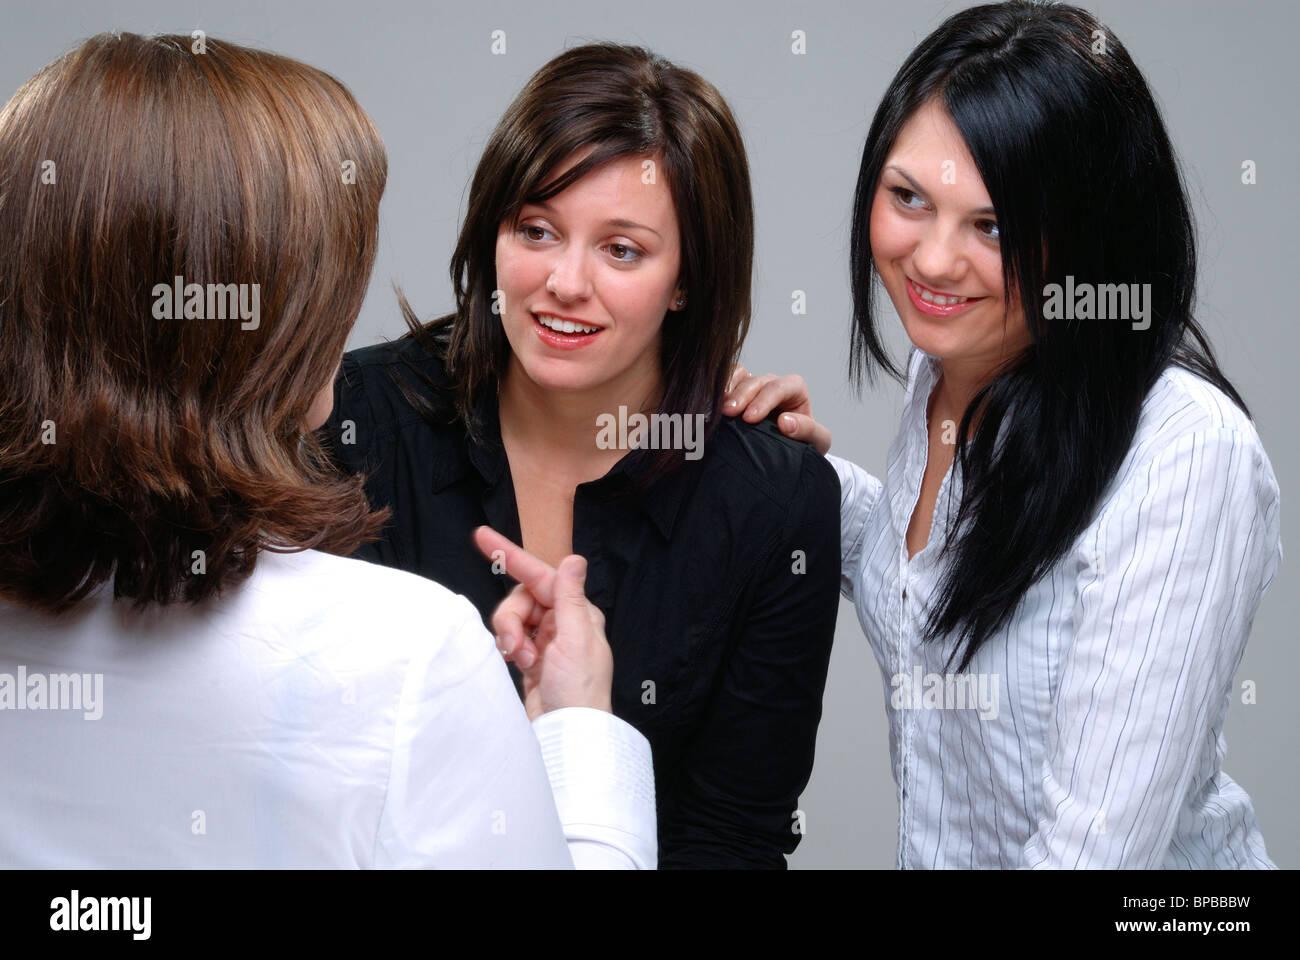 Mujeres Bbw tres mujeres amigos para pasar un buen rato conversando y